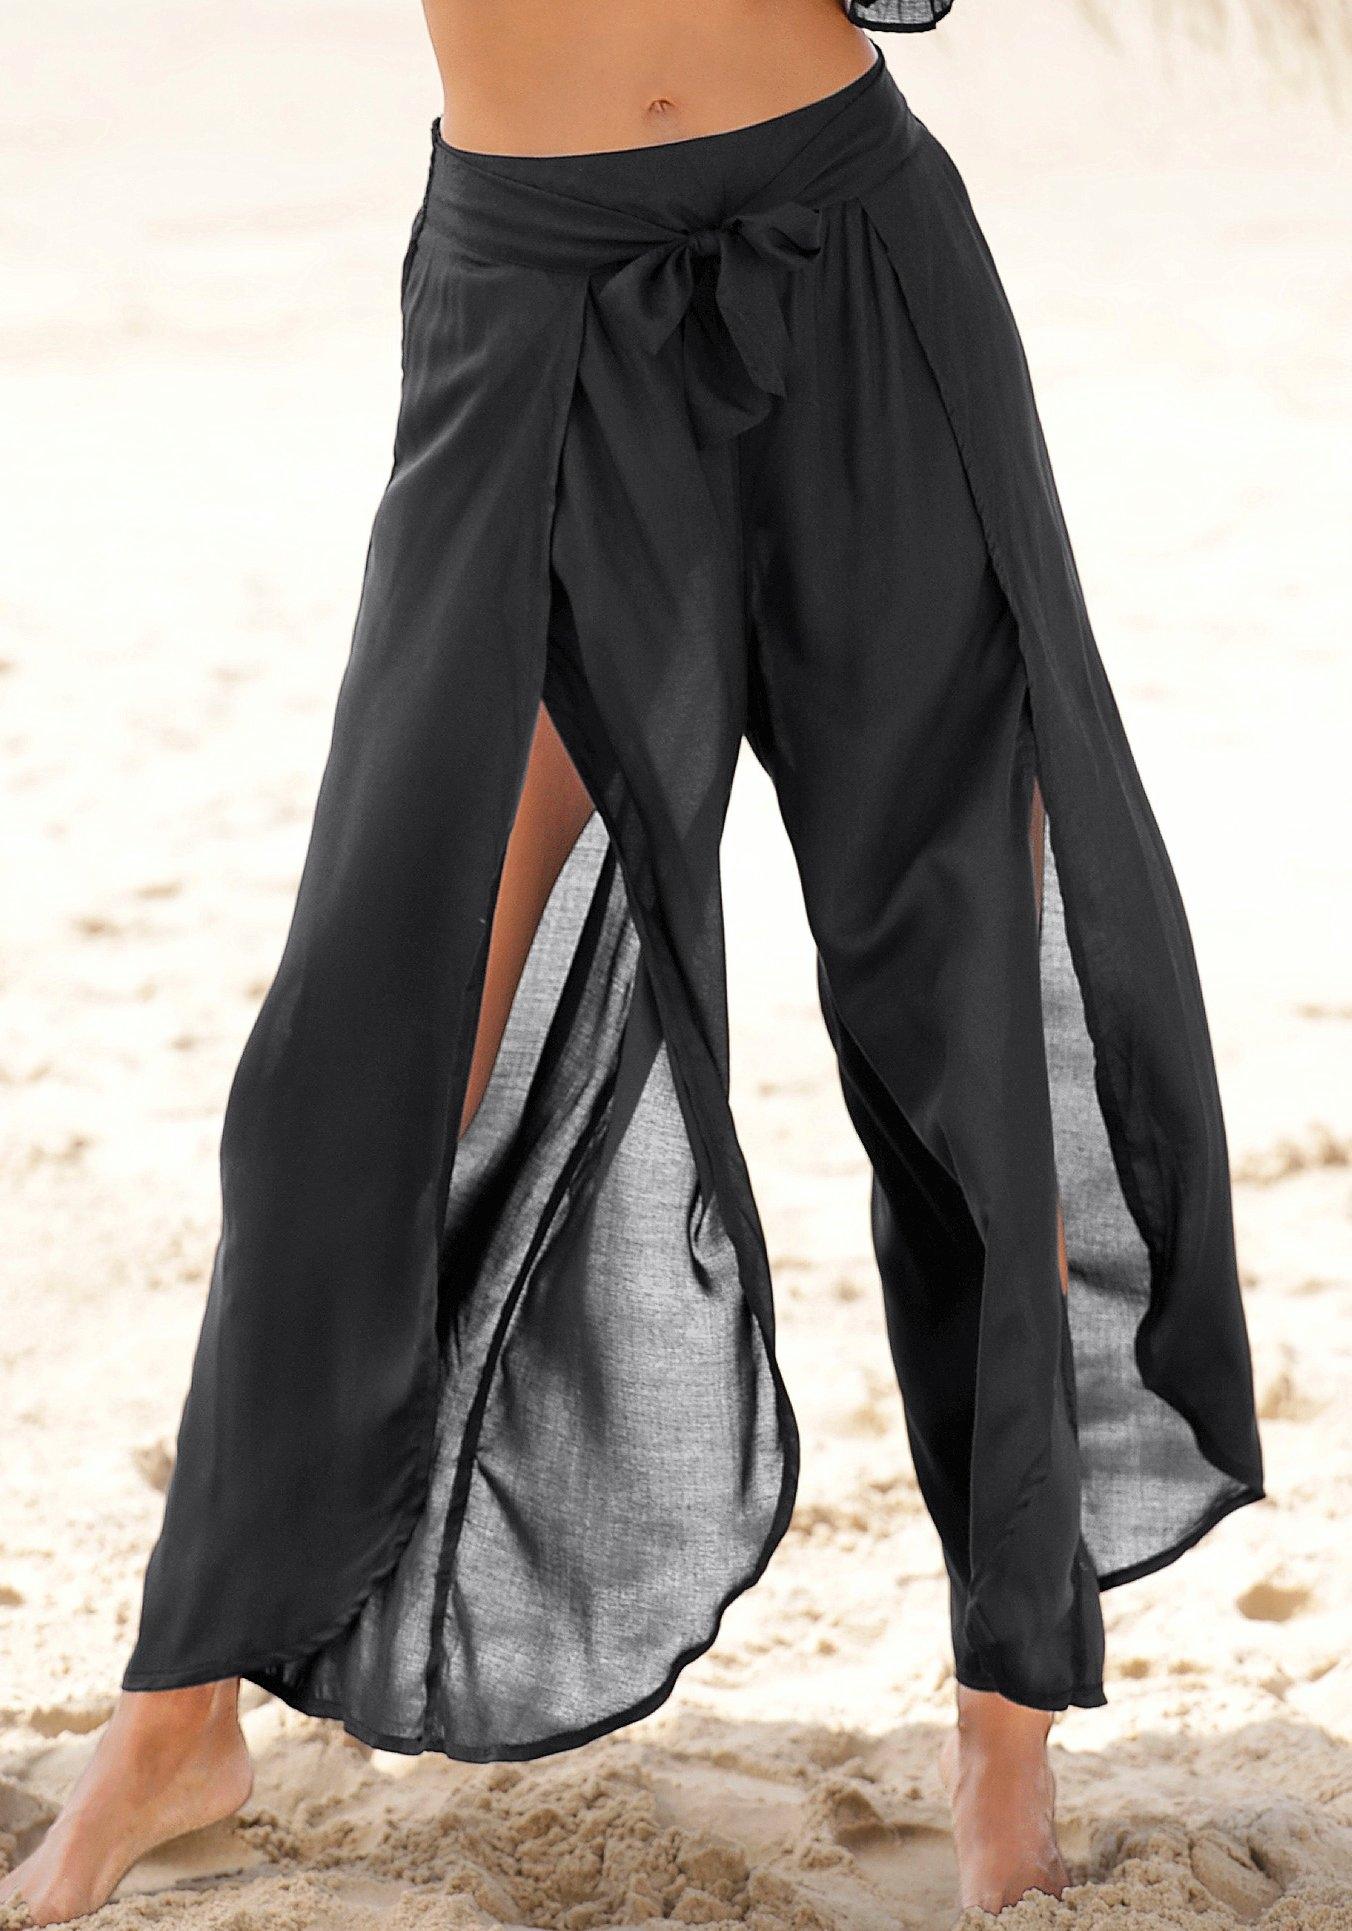 s.Oliver RED LABEL Beachwear strandbroek met hoog splitje onder in de pijpen - verschillende betaalmethodes